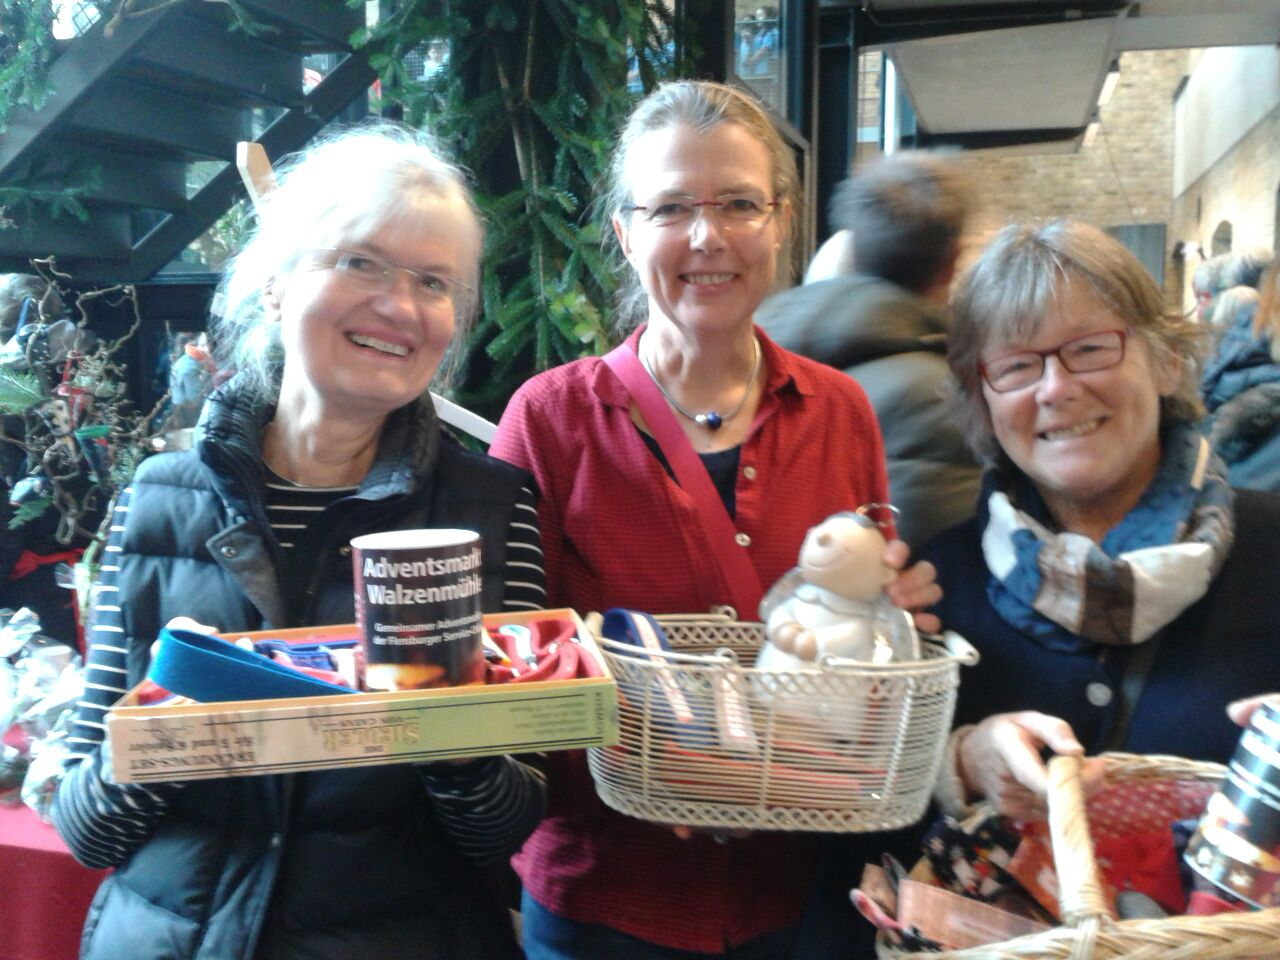 Drei Frauen mit Schlüsselbändern auf dem Flensburger Adventsmarkt